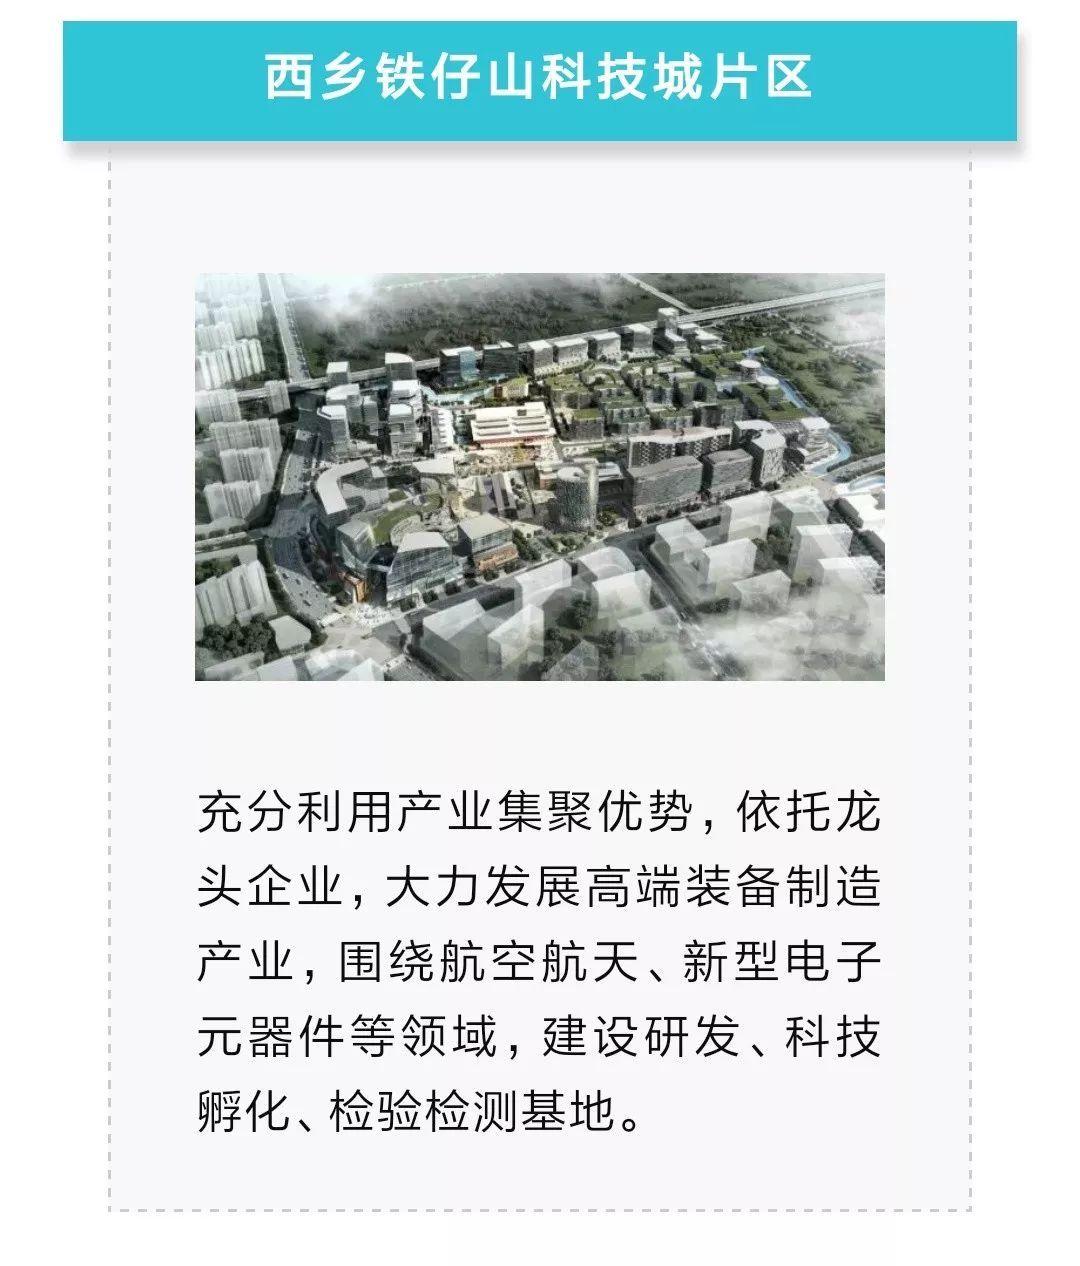 宝安区占深圳人口_深圳宝安区地图